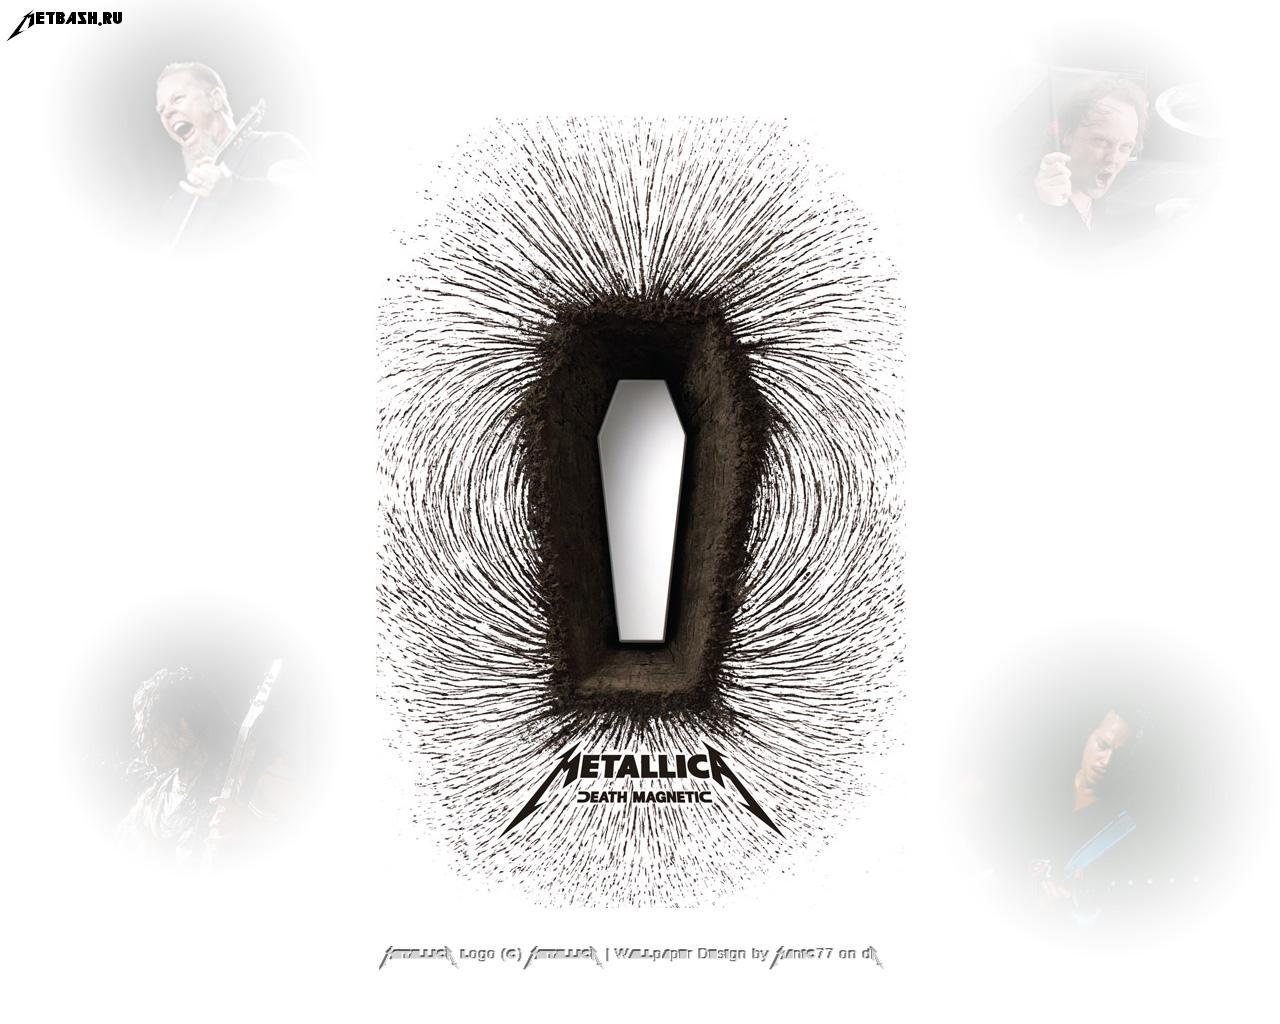 4397 скачать Белые обои на телефон бесплатно, Музыка, Металлика (Metallica) Белые картинки и заставки на мобильный